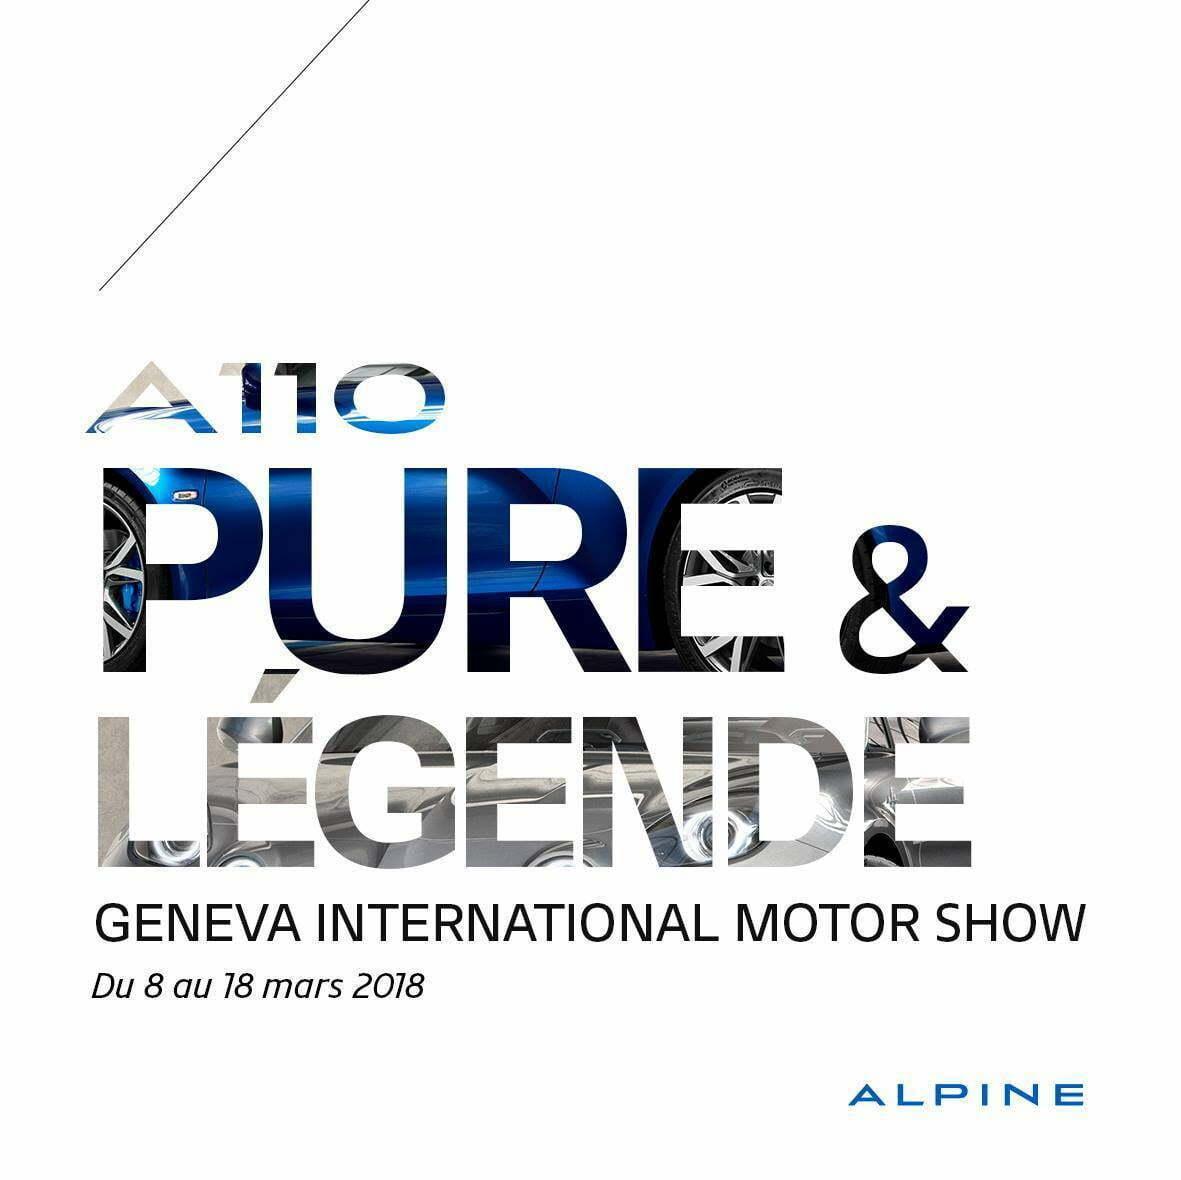 alpine a110 pure legende salon geneve gims 2018 | Alpine nous invite à Genève pour l'A110 Pure et Légende !